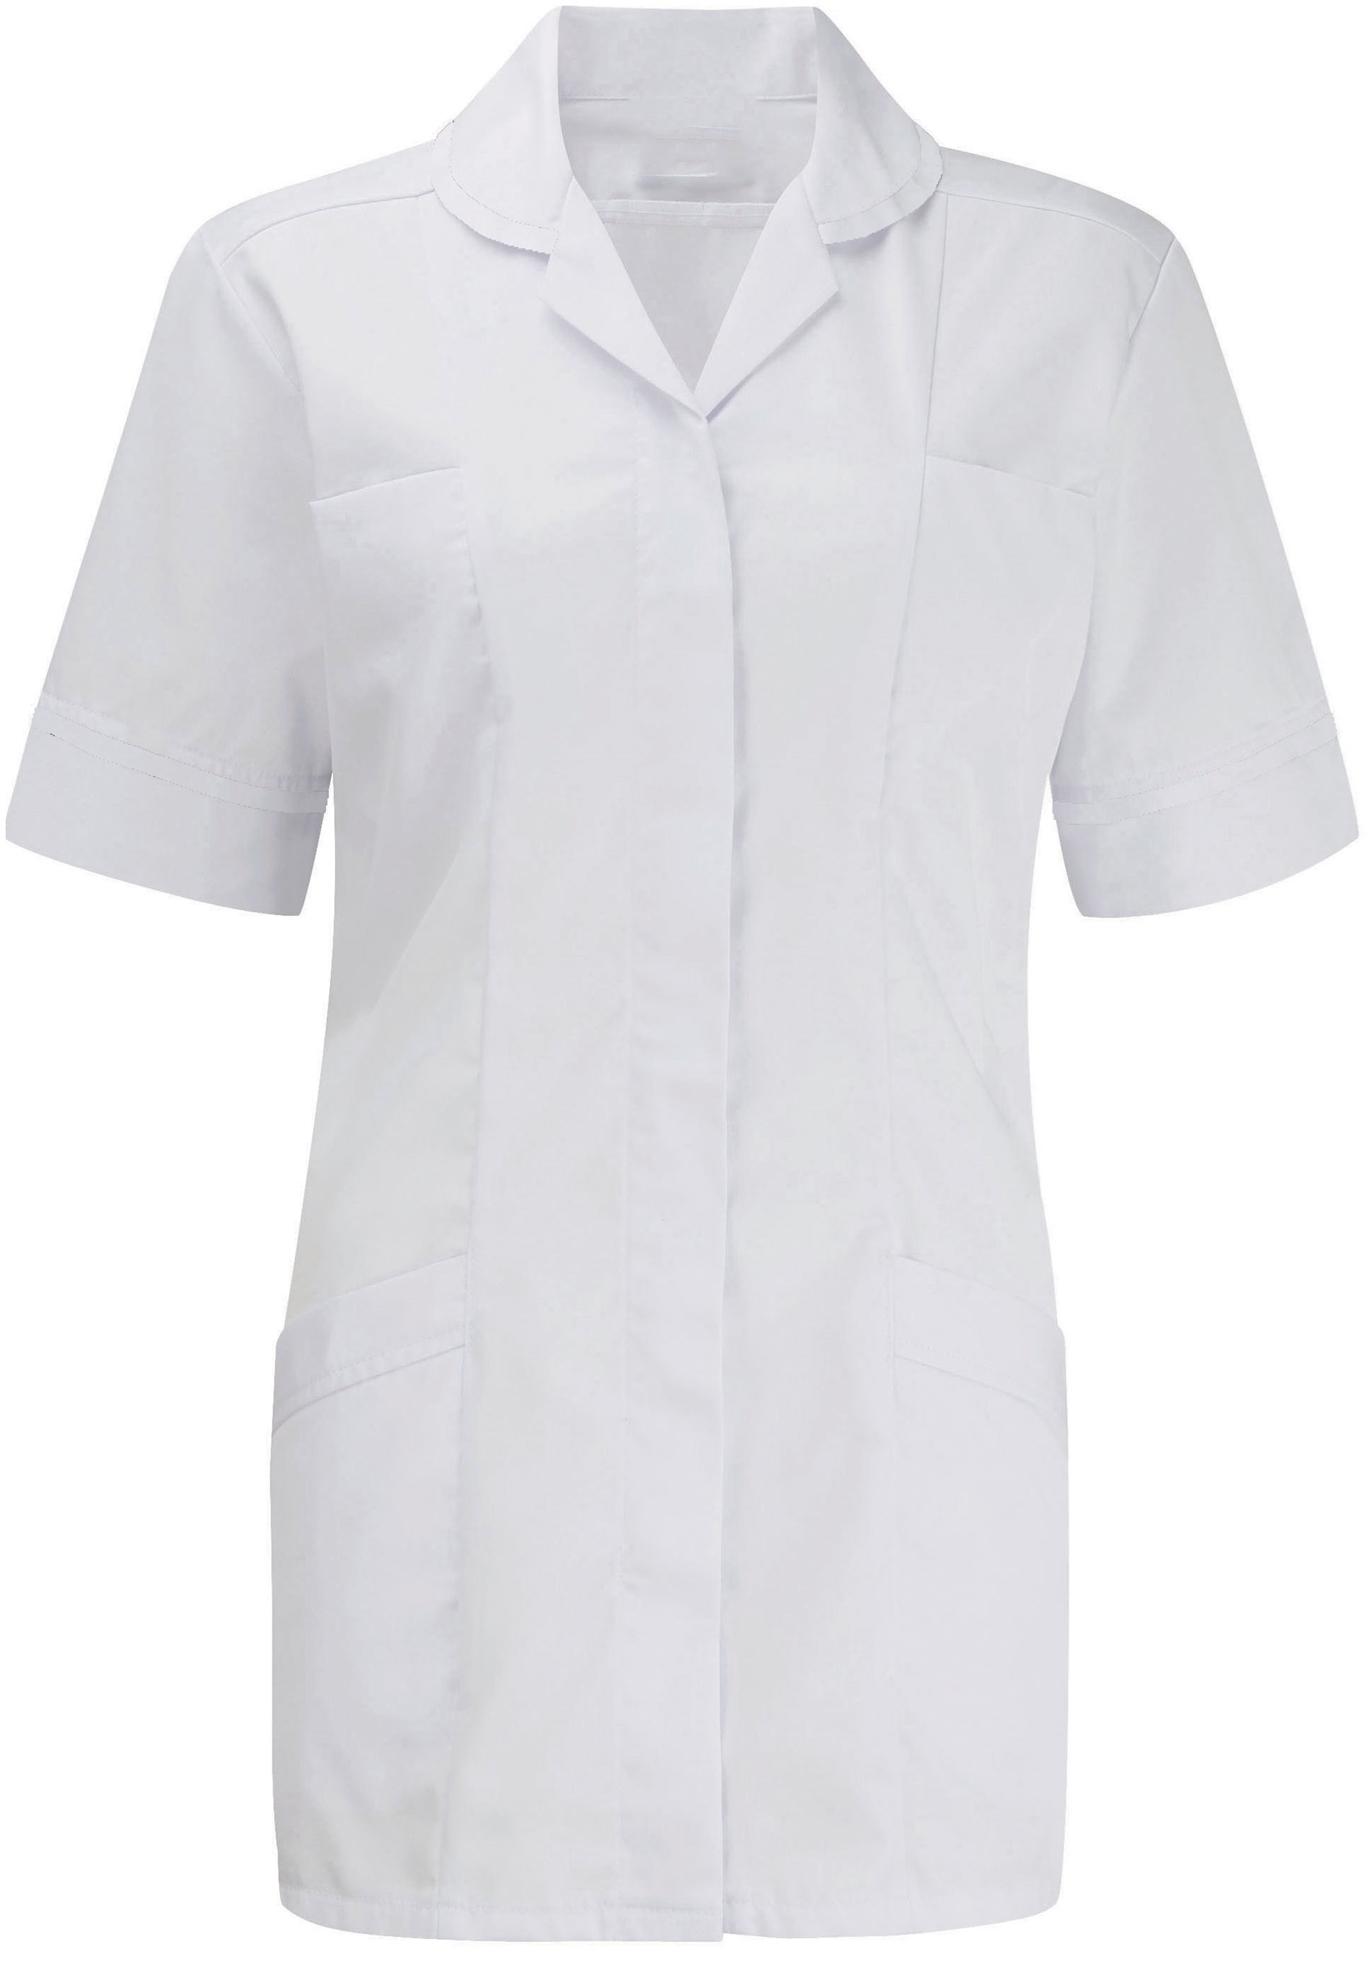 Picture of Advantage Tunic - White